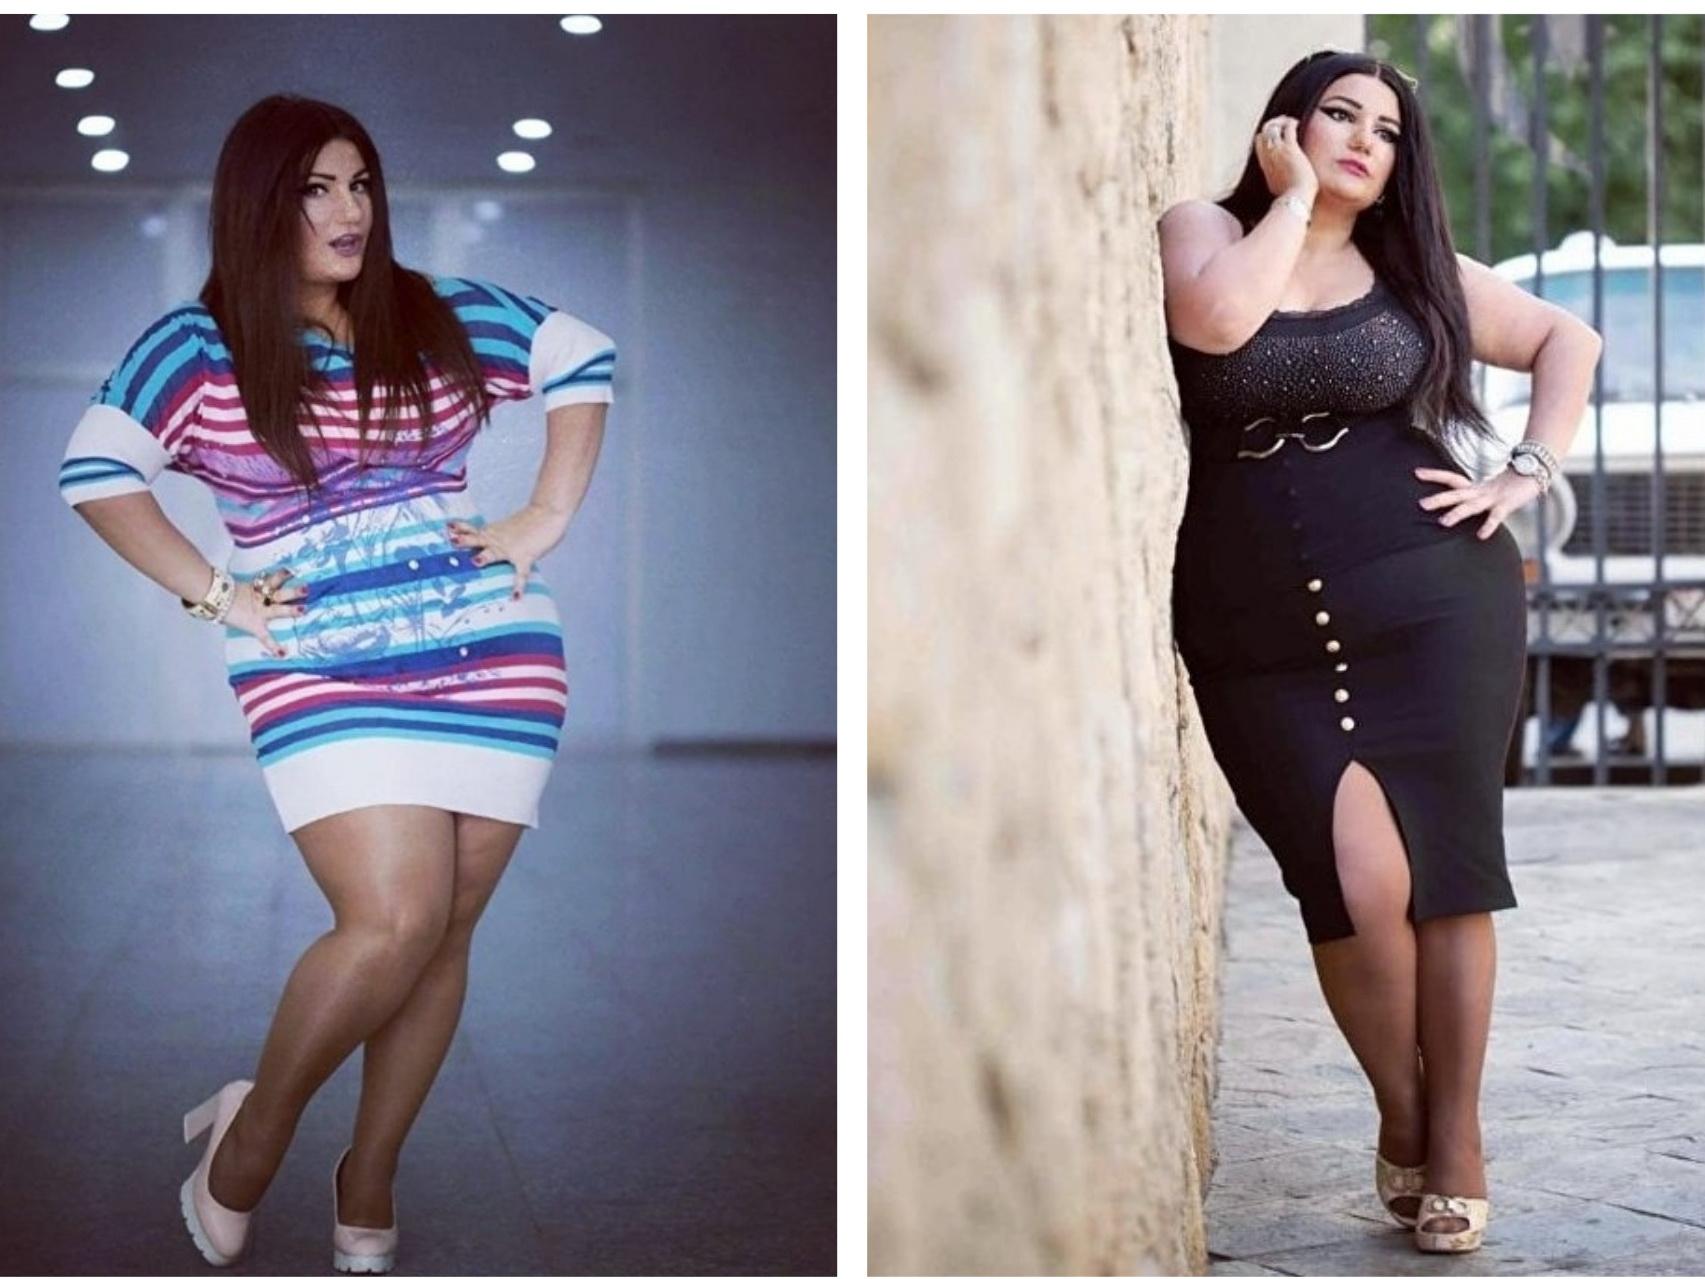 Первая азербайджанская plus-size модель: «Не стесняюсь своего веса и отказываюсь худеть» - ФОТО – ВИДЕО